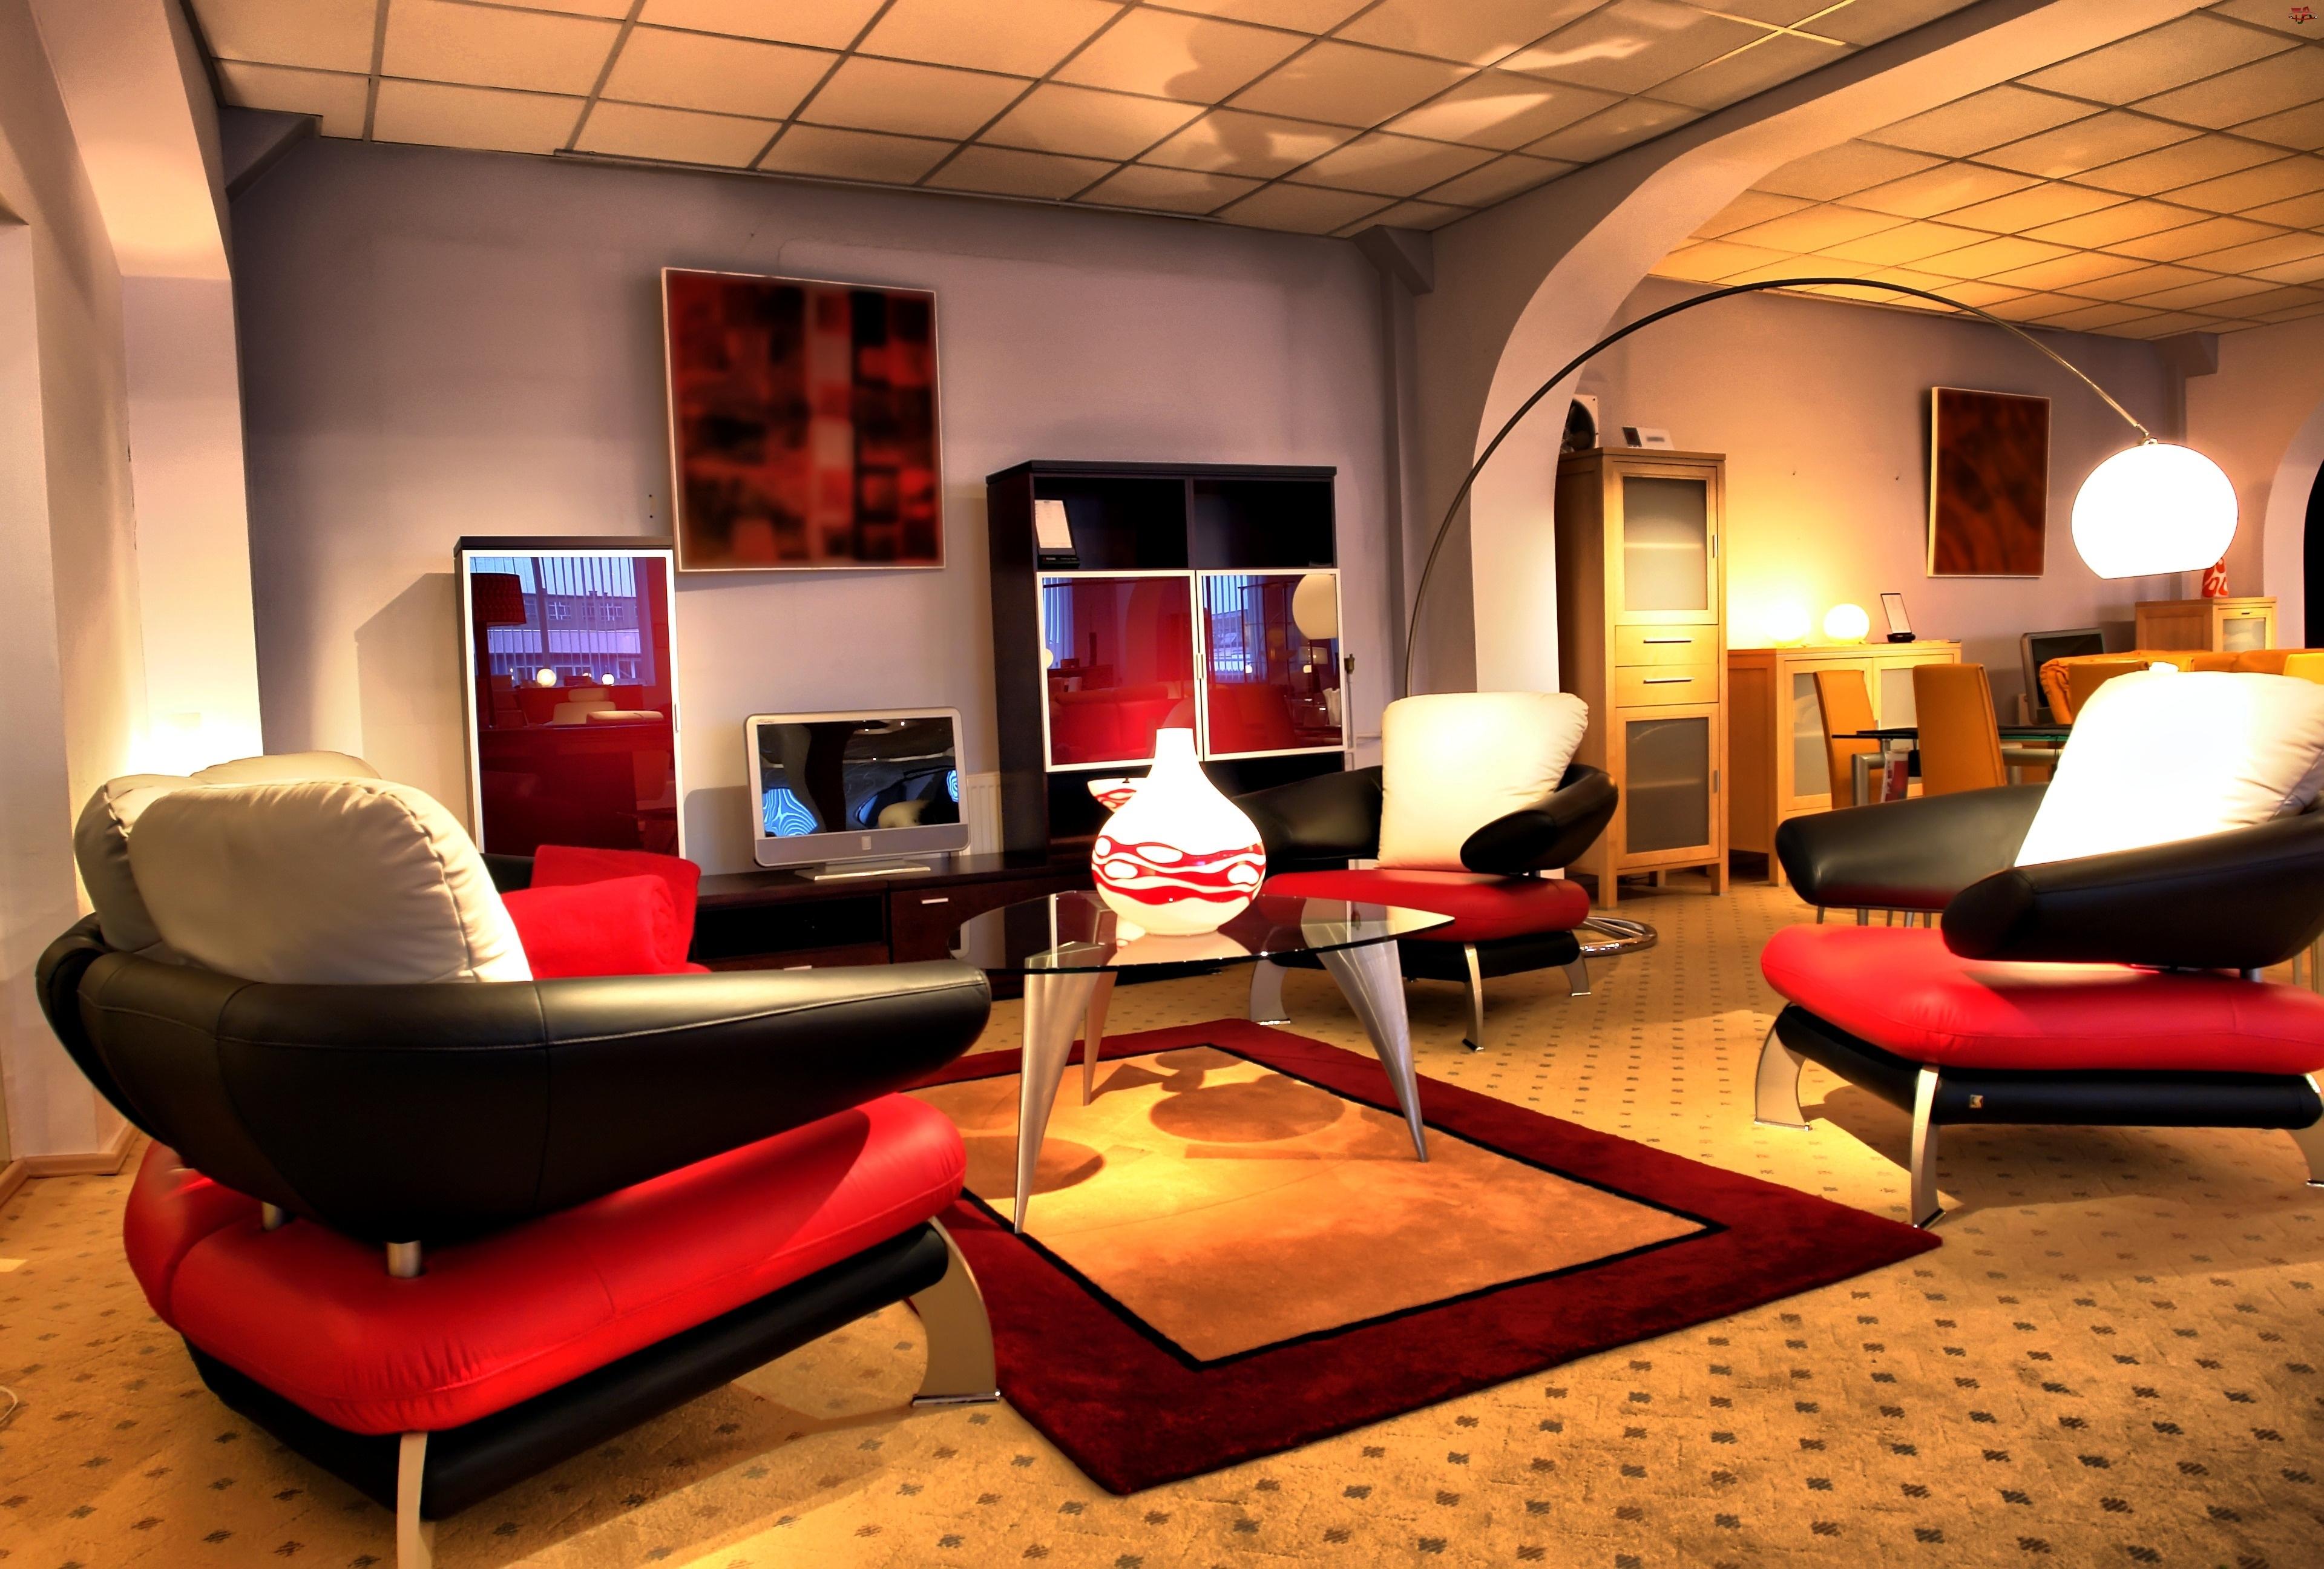 Pokój, Lampa, Fotele, Dywan